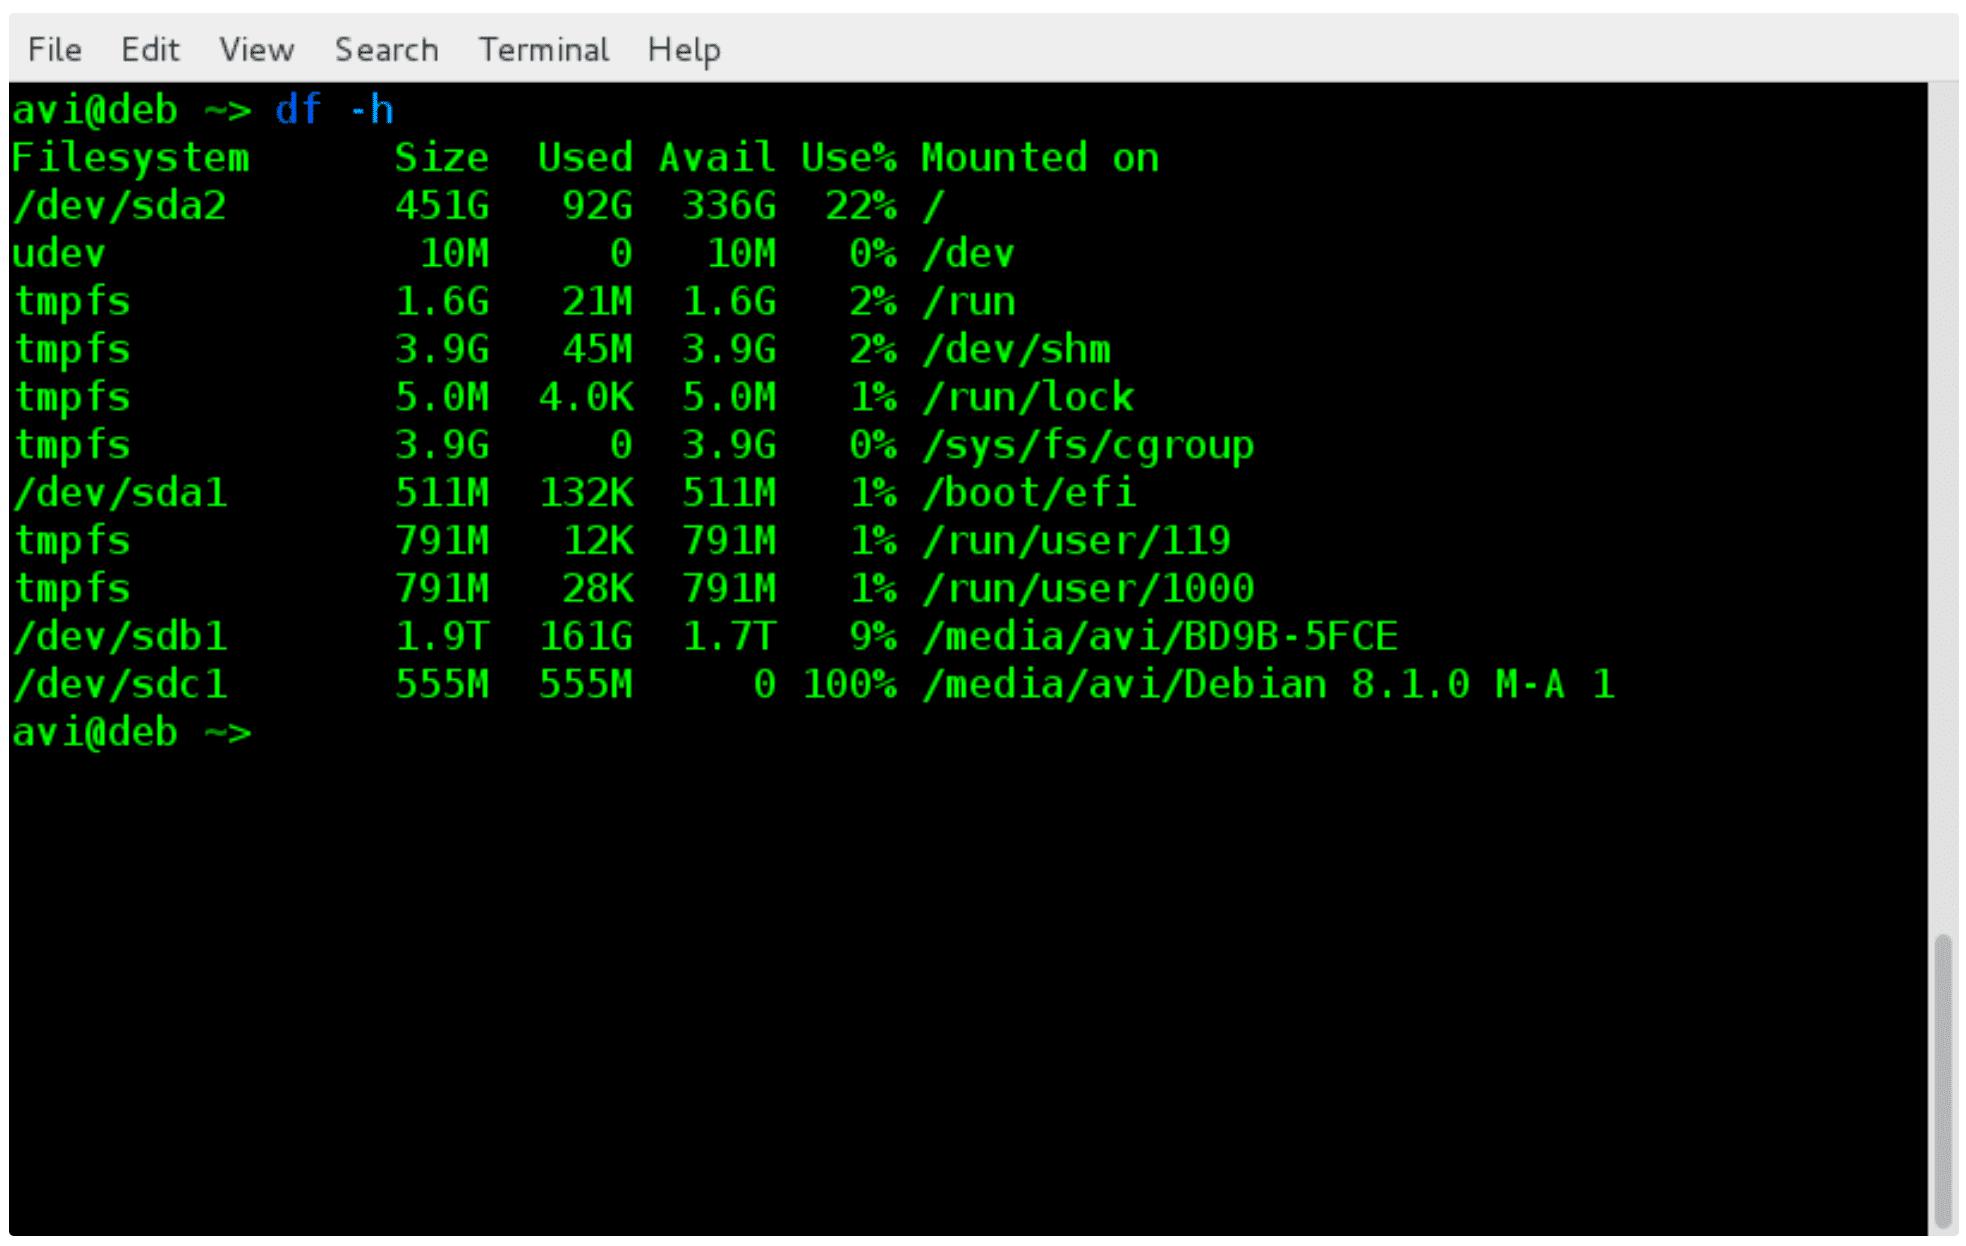 Mhddfs -- объединение нескольких небольших разделов в одно большое виртуальное хранилище